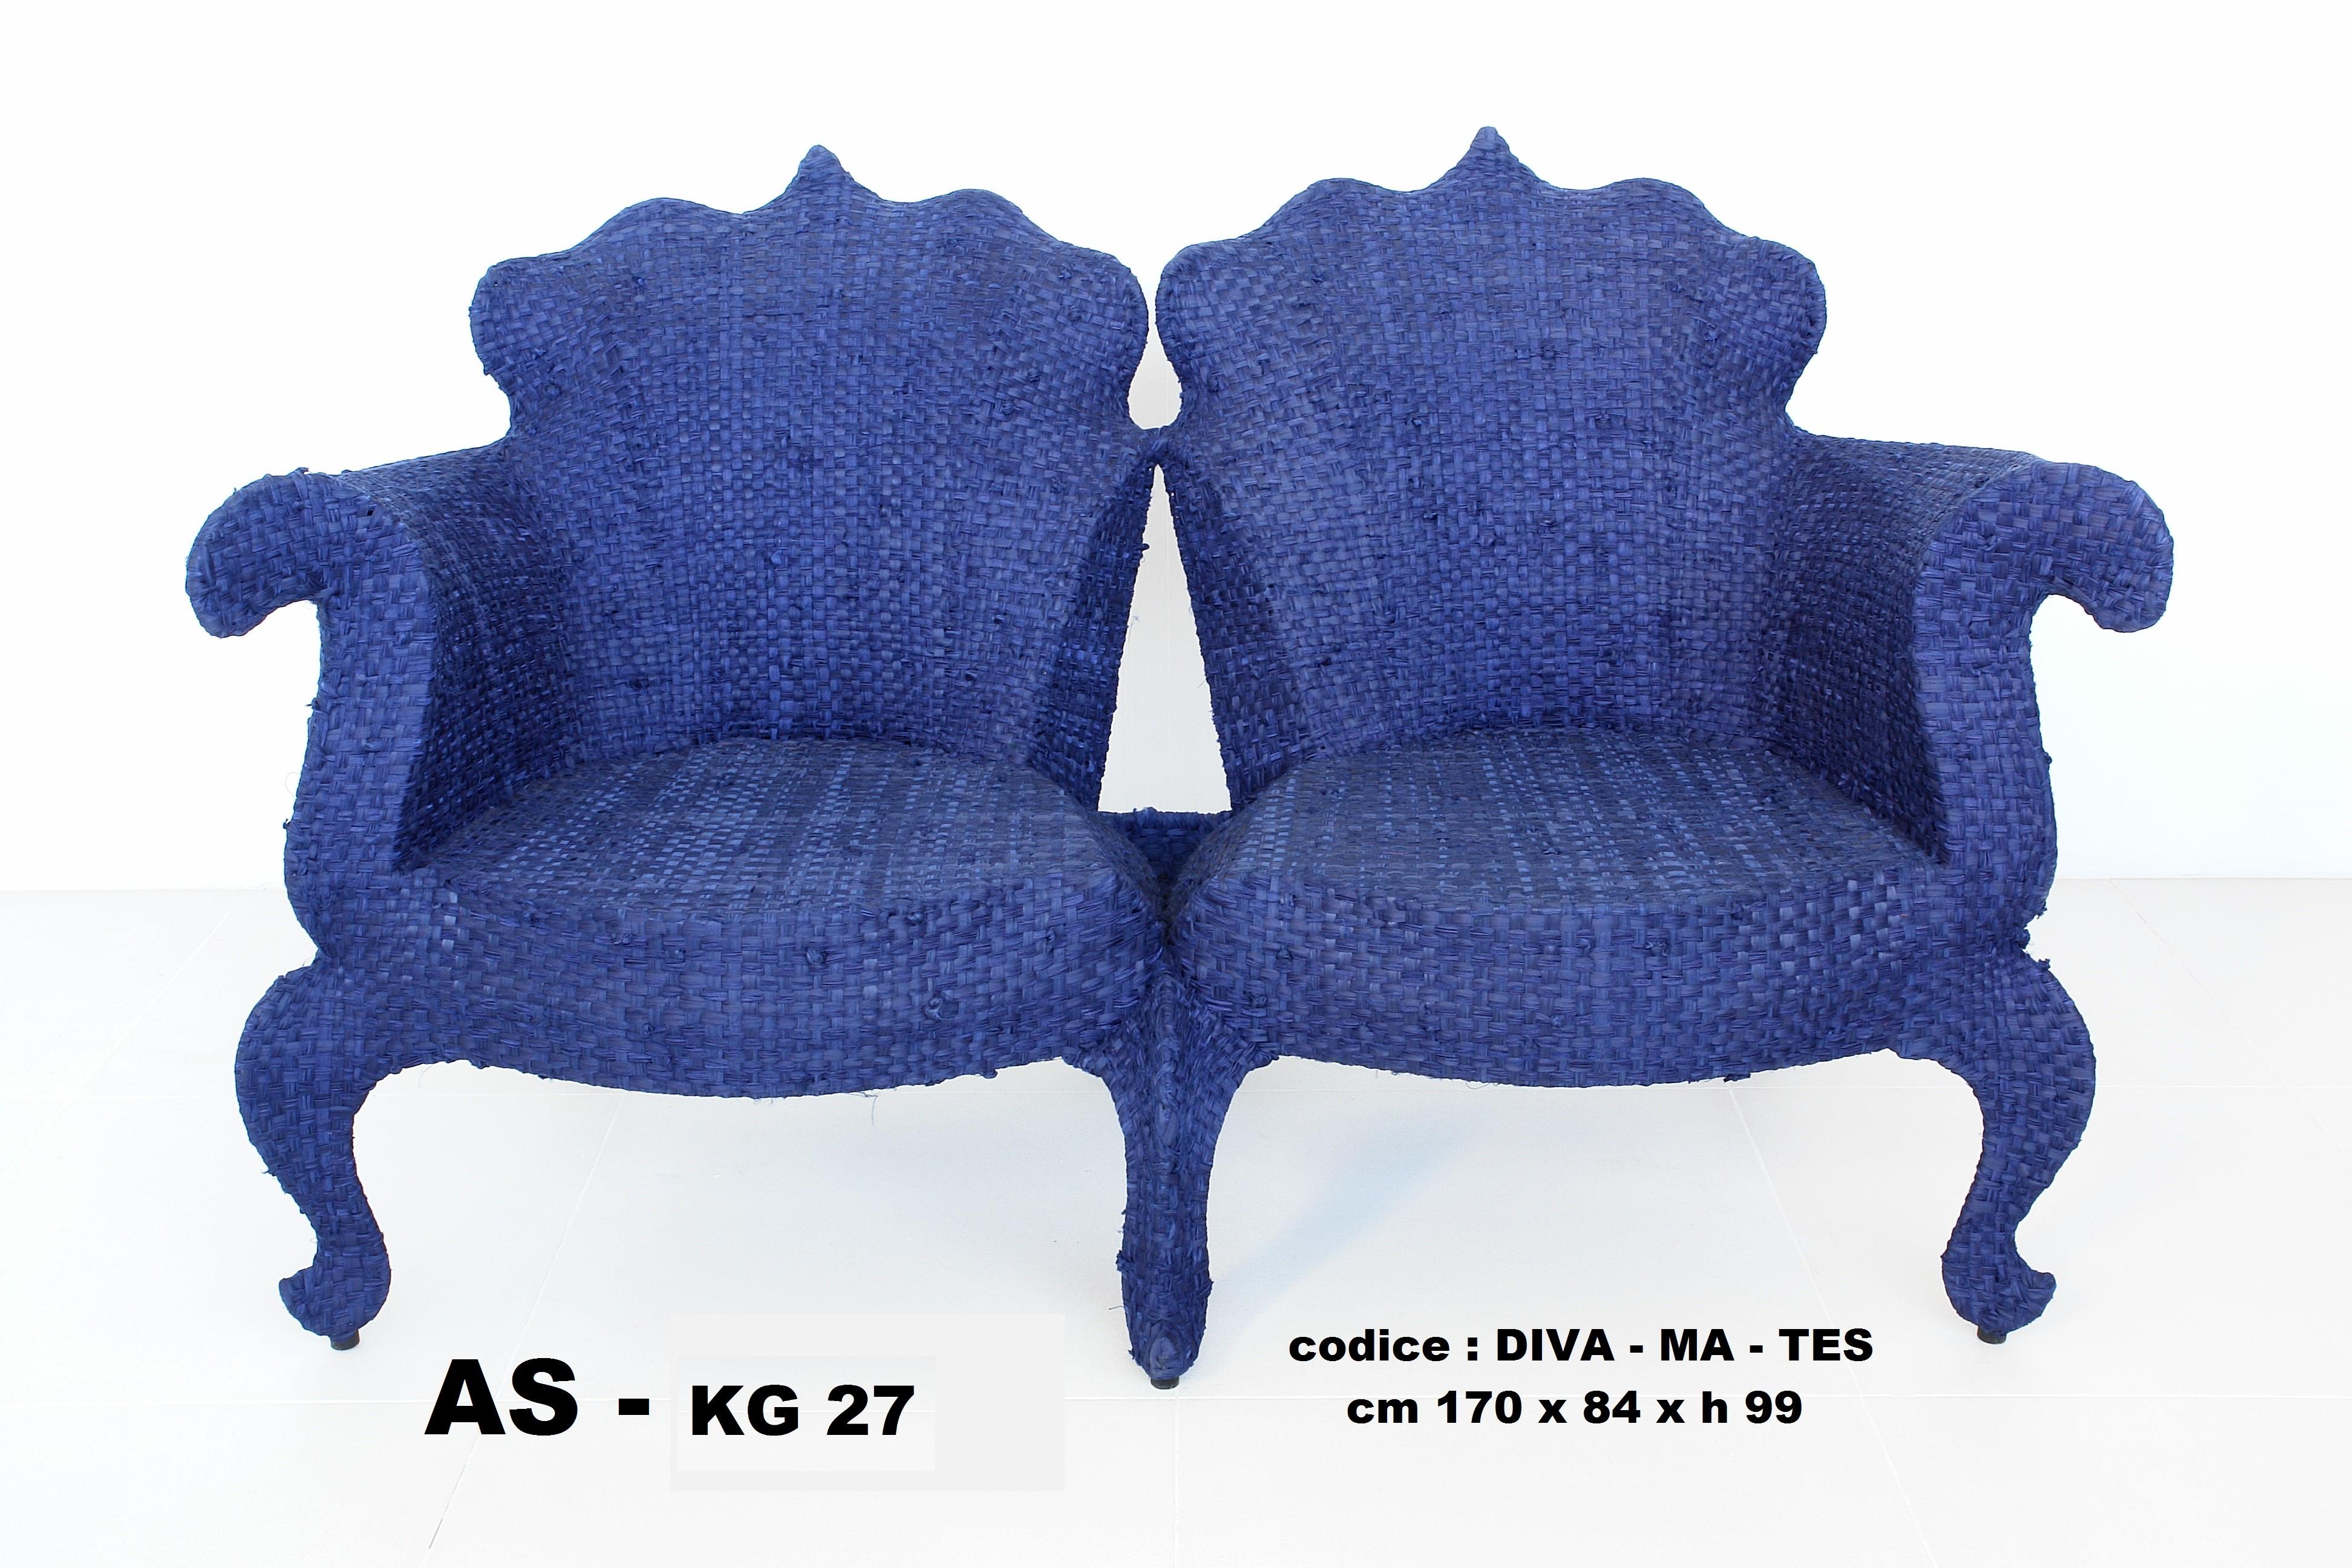 divano maria tessuto